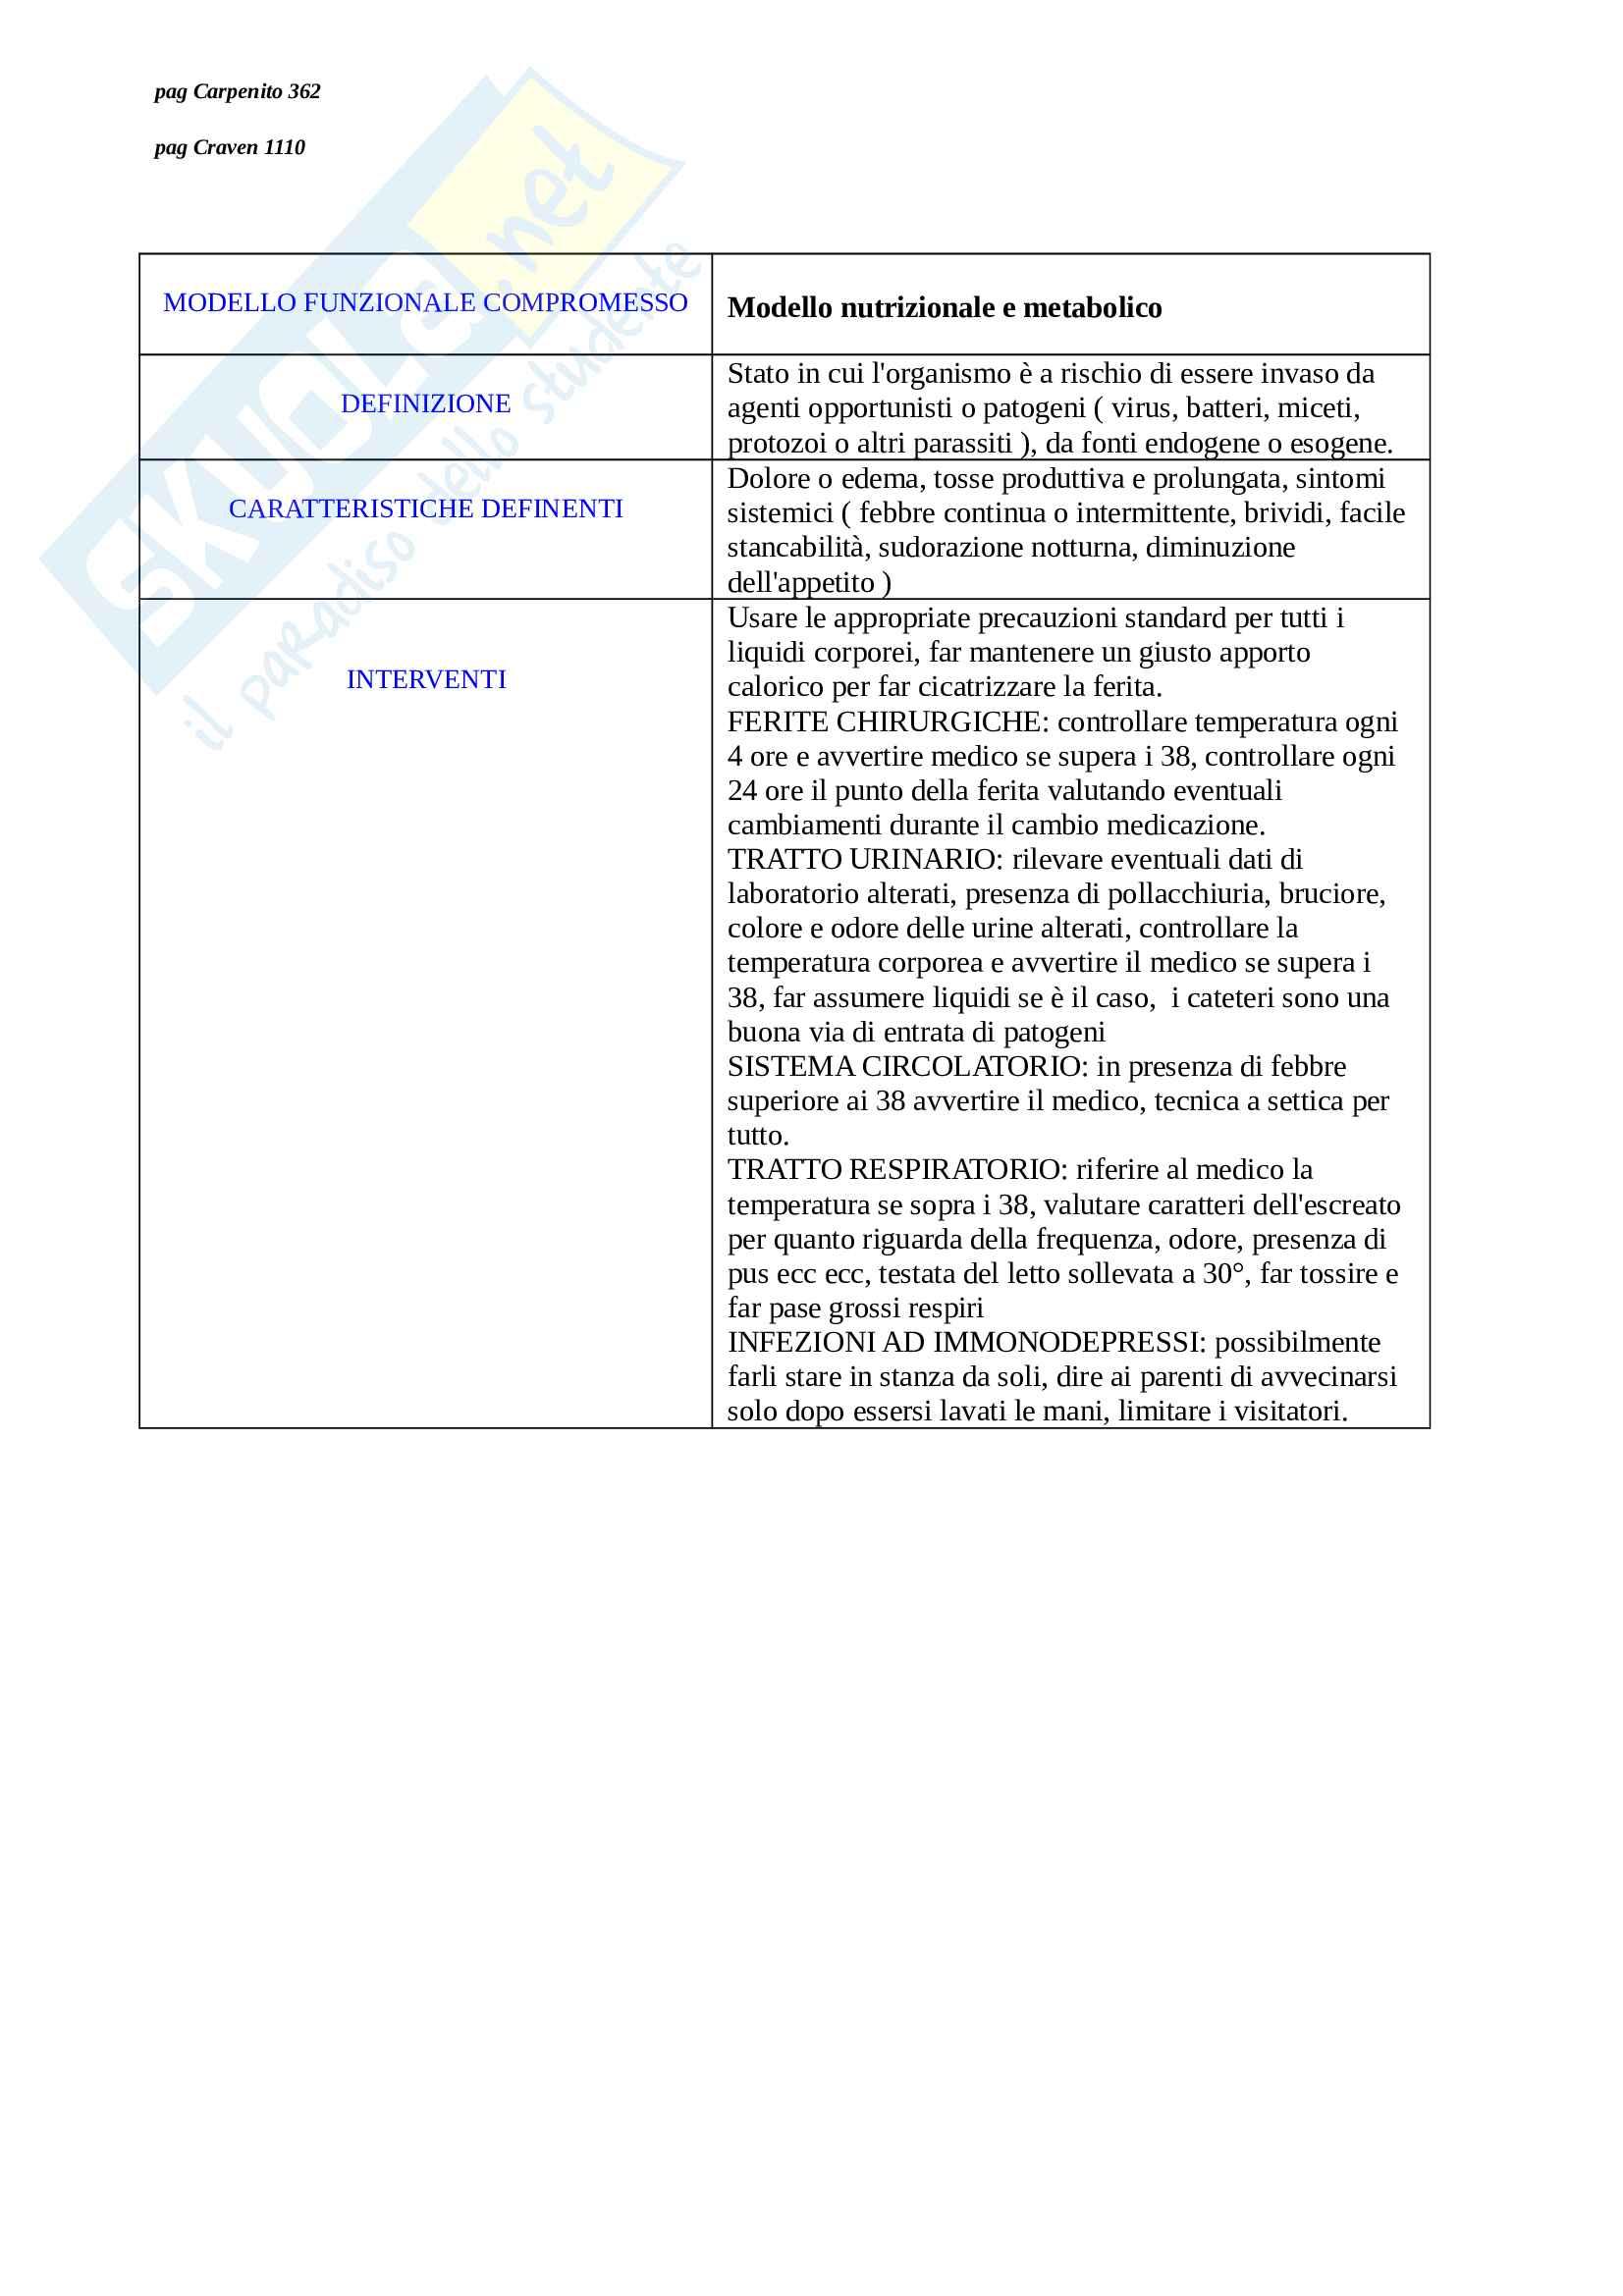 Diagnosi infermieristiche Pag. 21